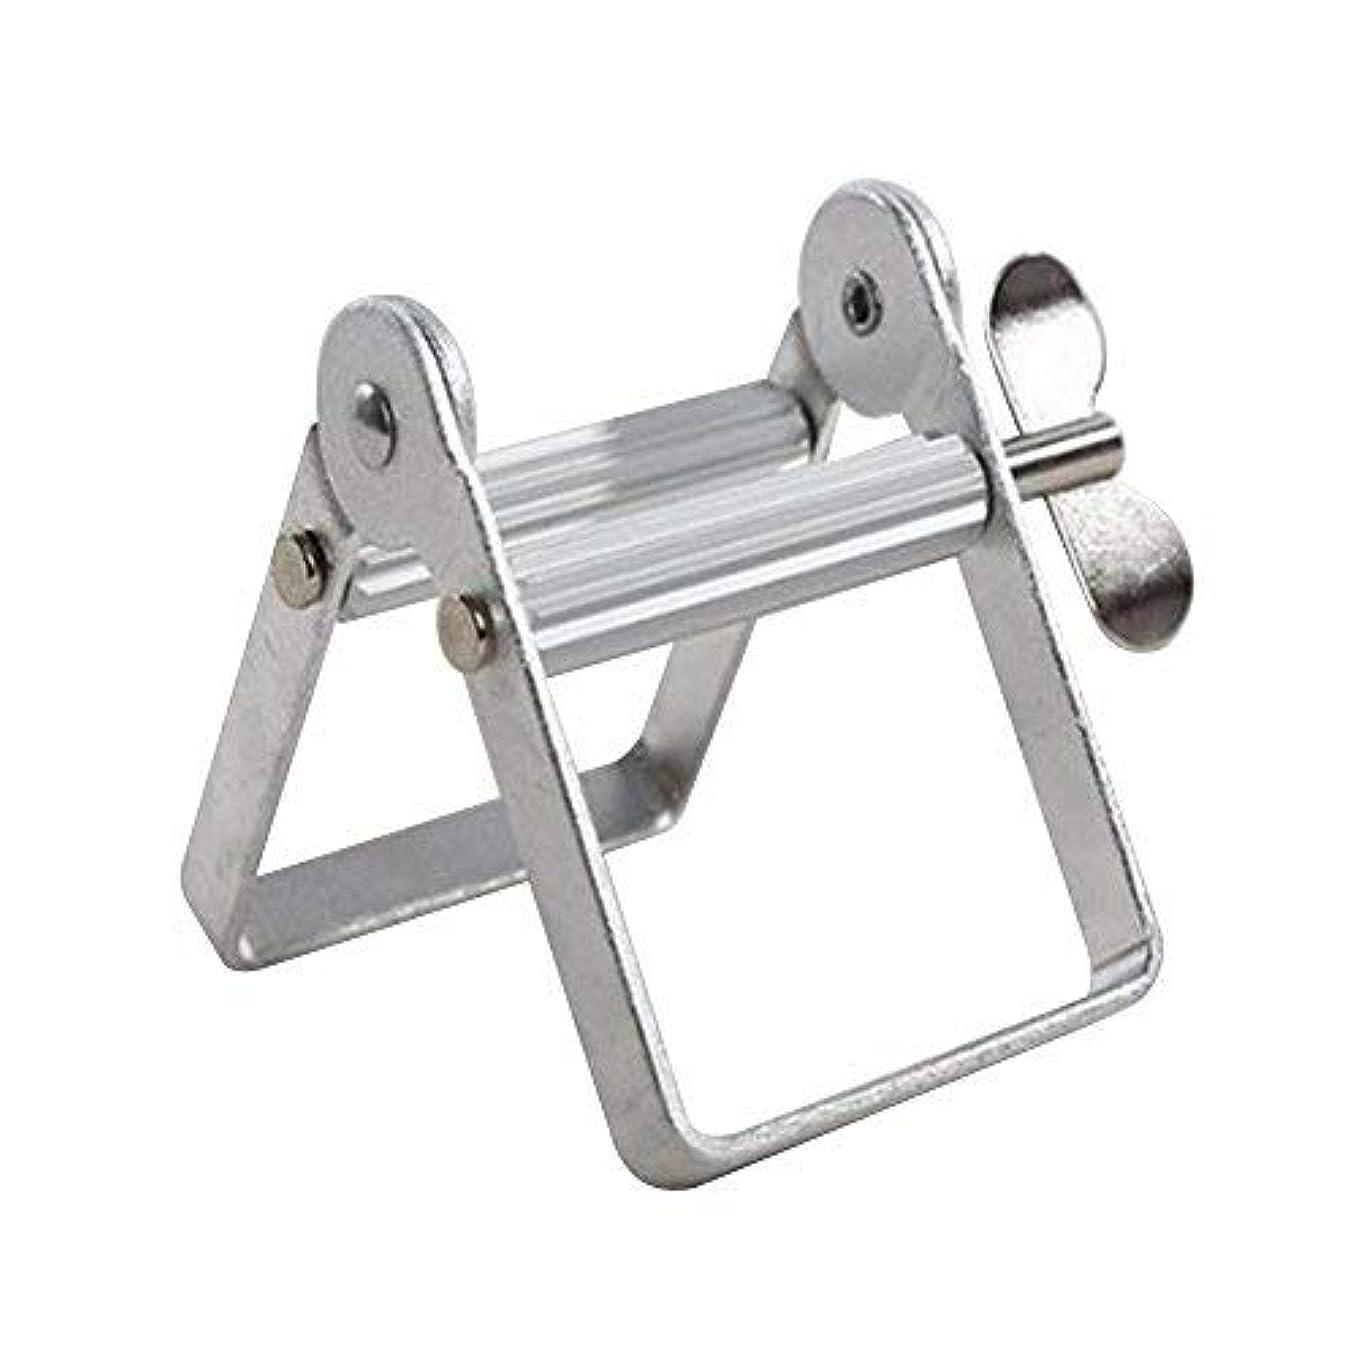 添加許す損なうチューブ絞り器 チューブリンガー 軟膏押出器 アルミ製 歯磨き粉 絵の具 接着剤 洗面道具 便利 人気